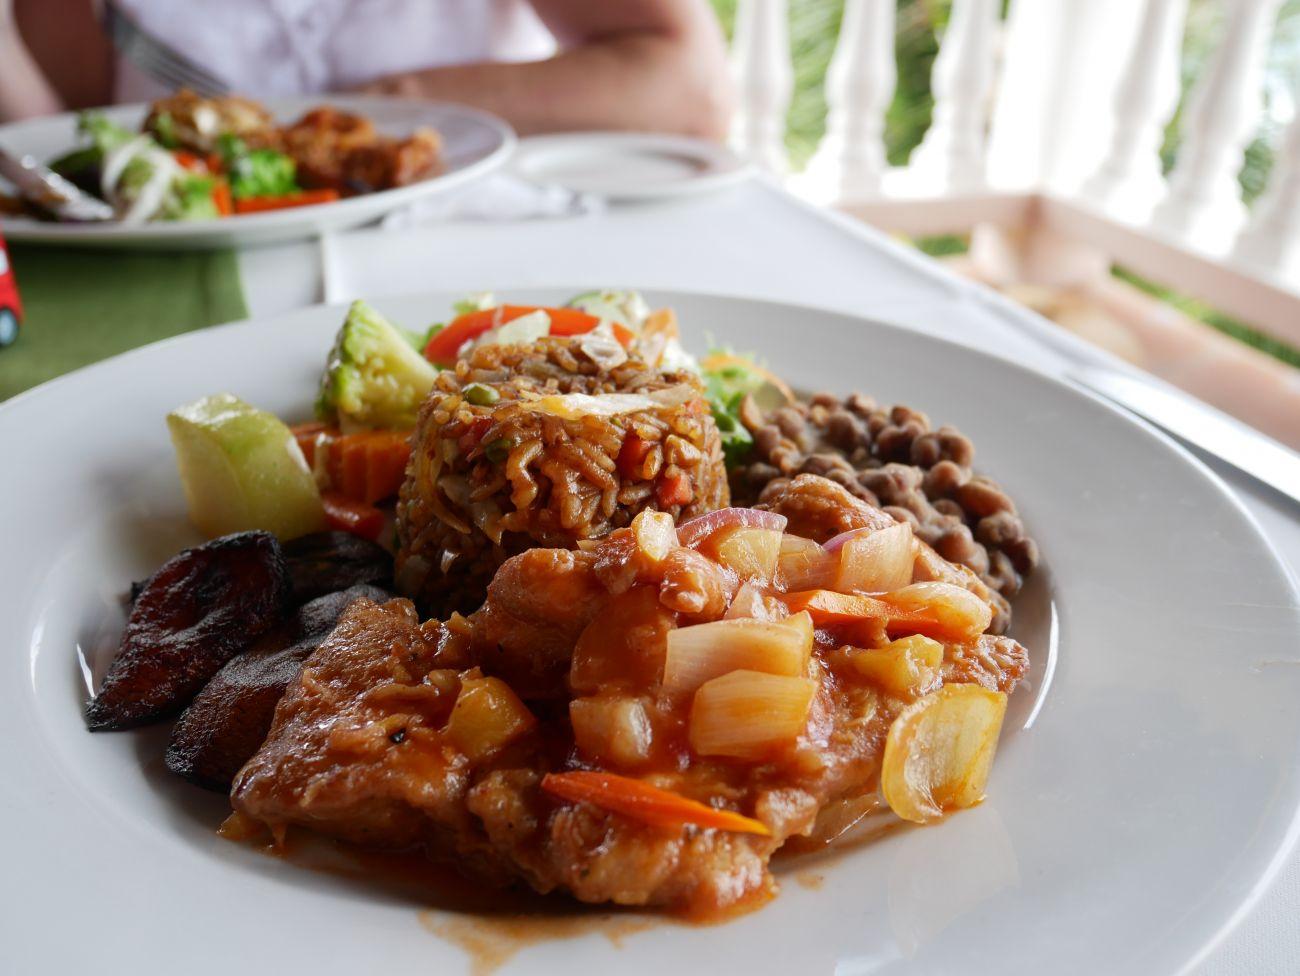 Mahi mahi fish, nutmeg beans, rice and peas